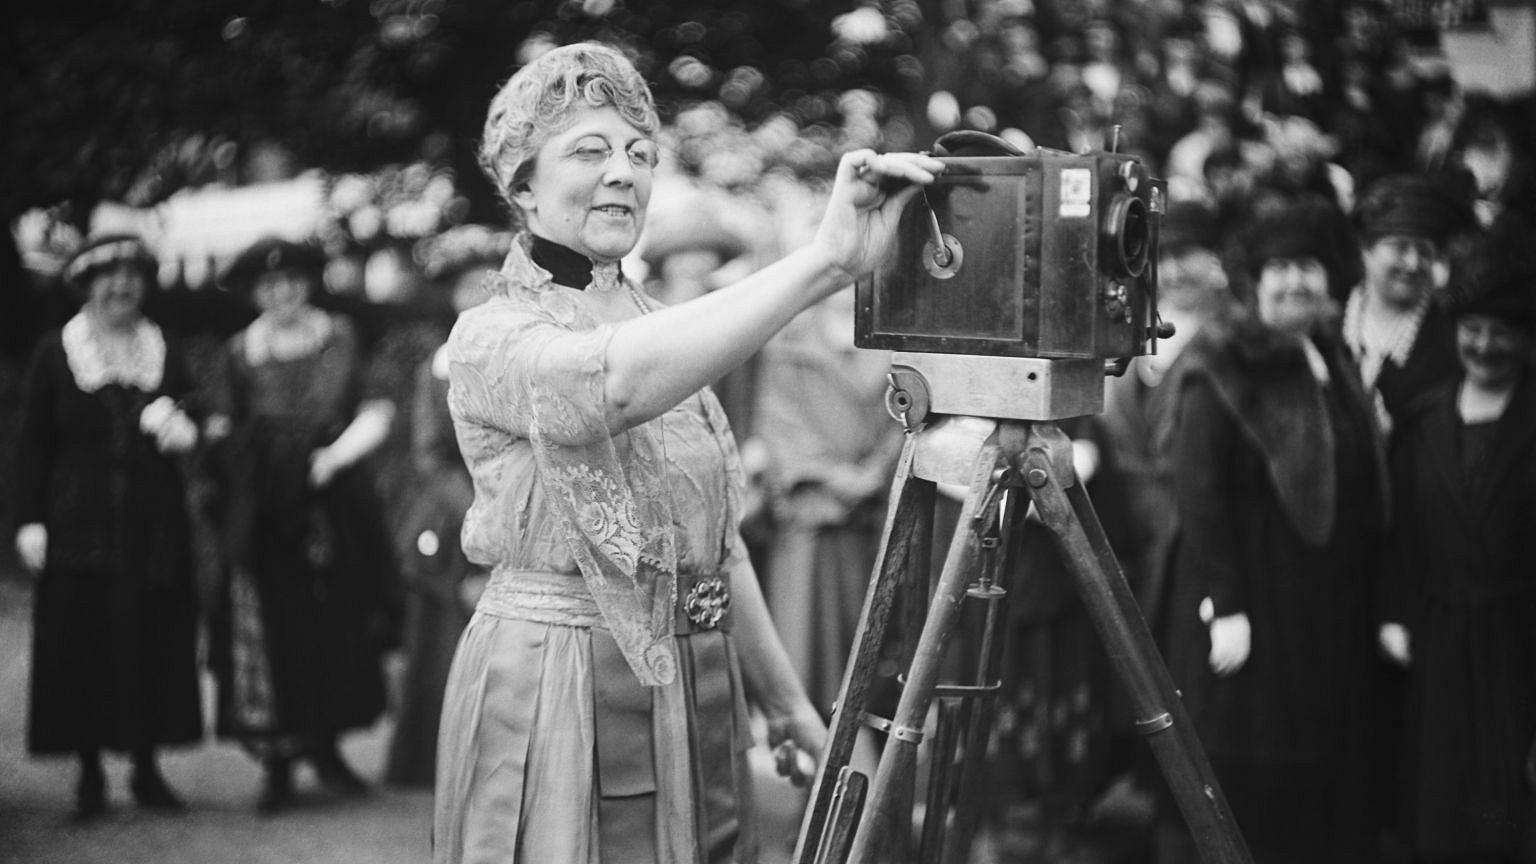 Pierwsza Dama, Florence Harding, za kamerą, 1921-1923 r.